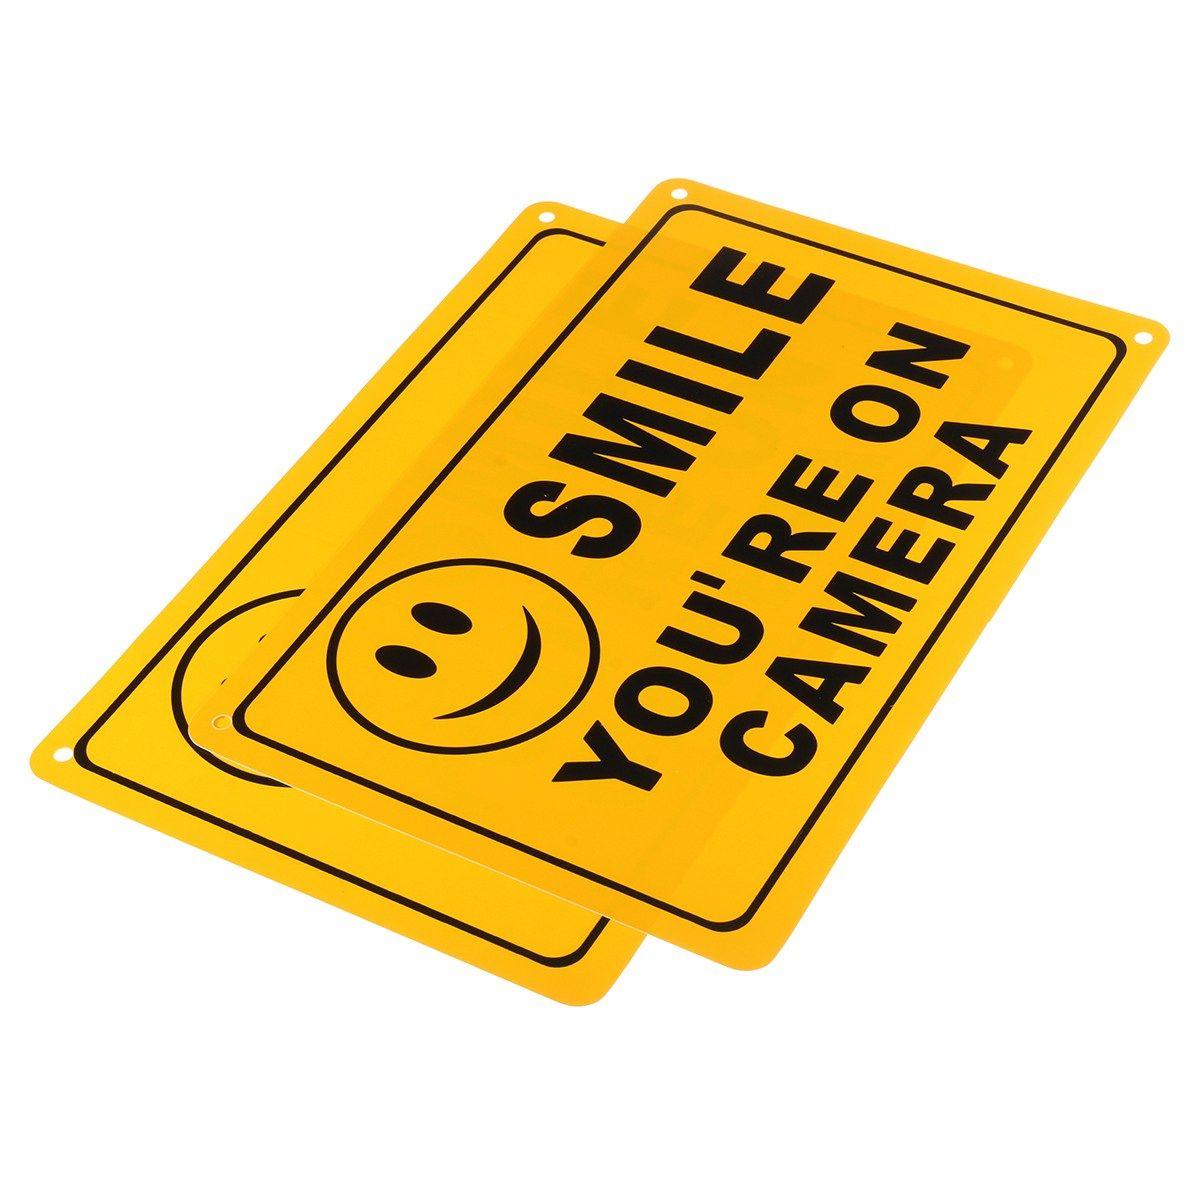 NEUE Safurance 2x LÄCHELN YOU'RE AUF KAMERA Business Warnung Sicherheit Gelb Zeichen 11 X 7/28x18 cm Sicherheit Videoüberwachung